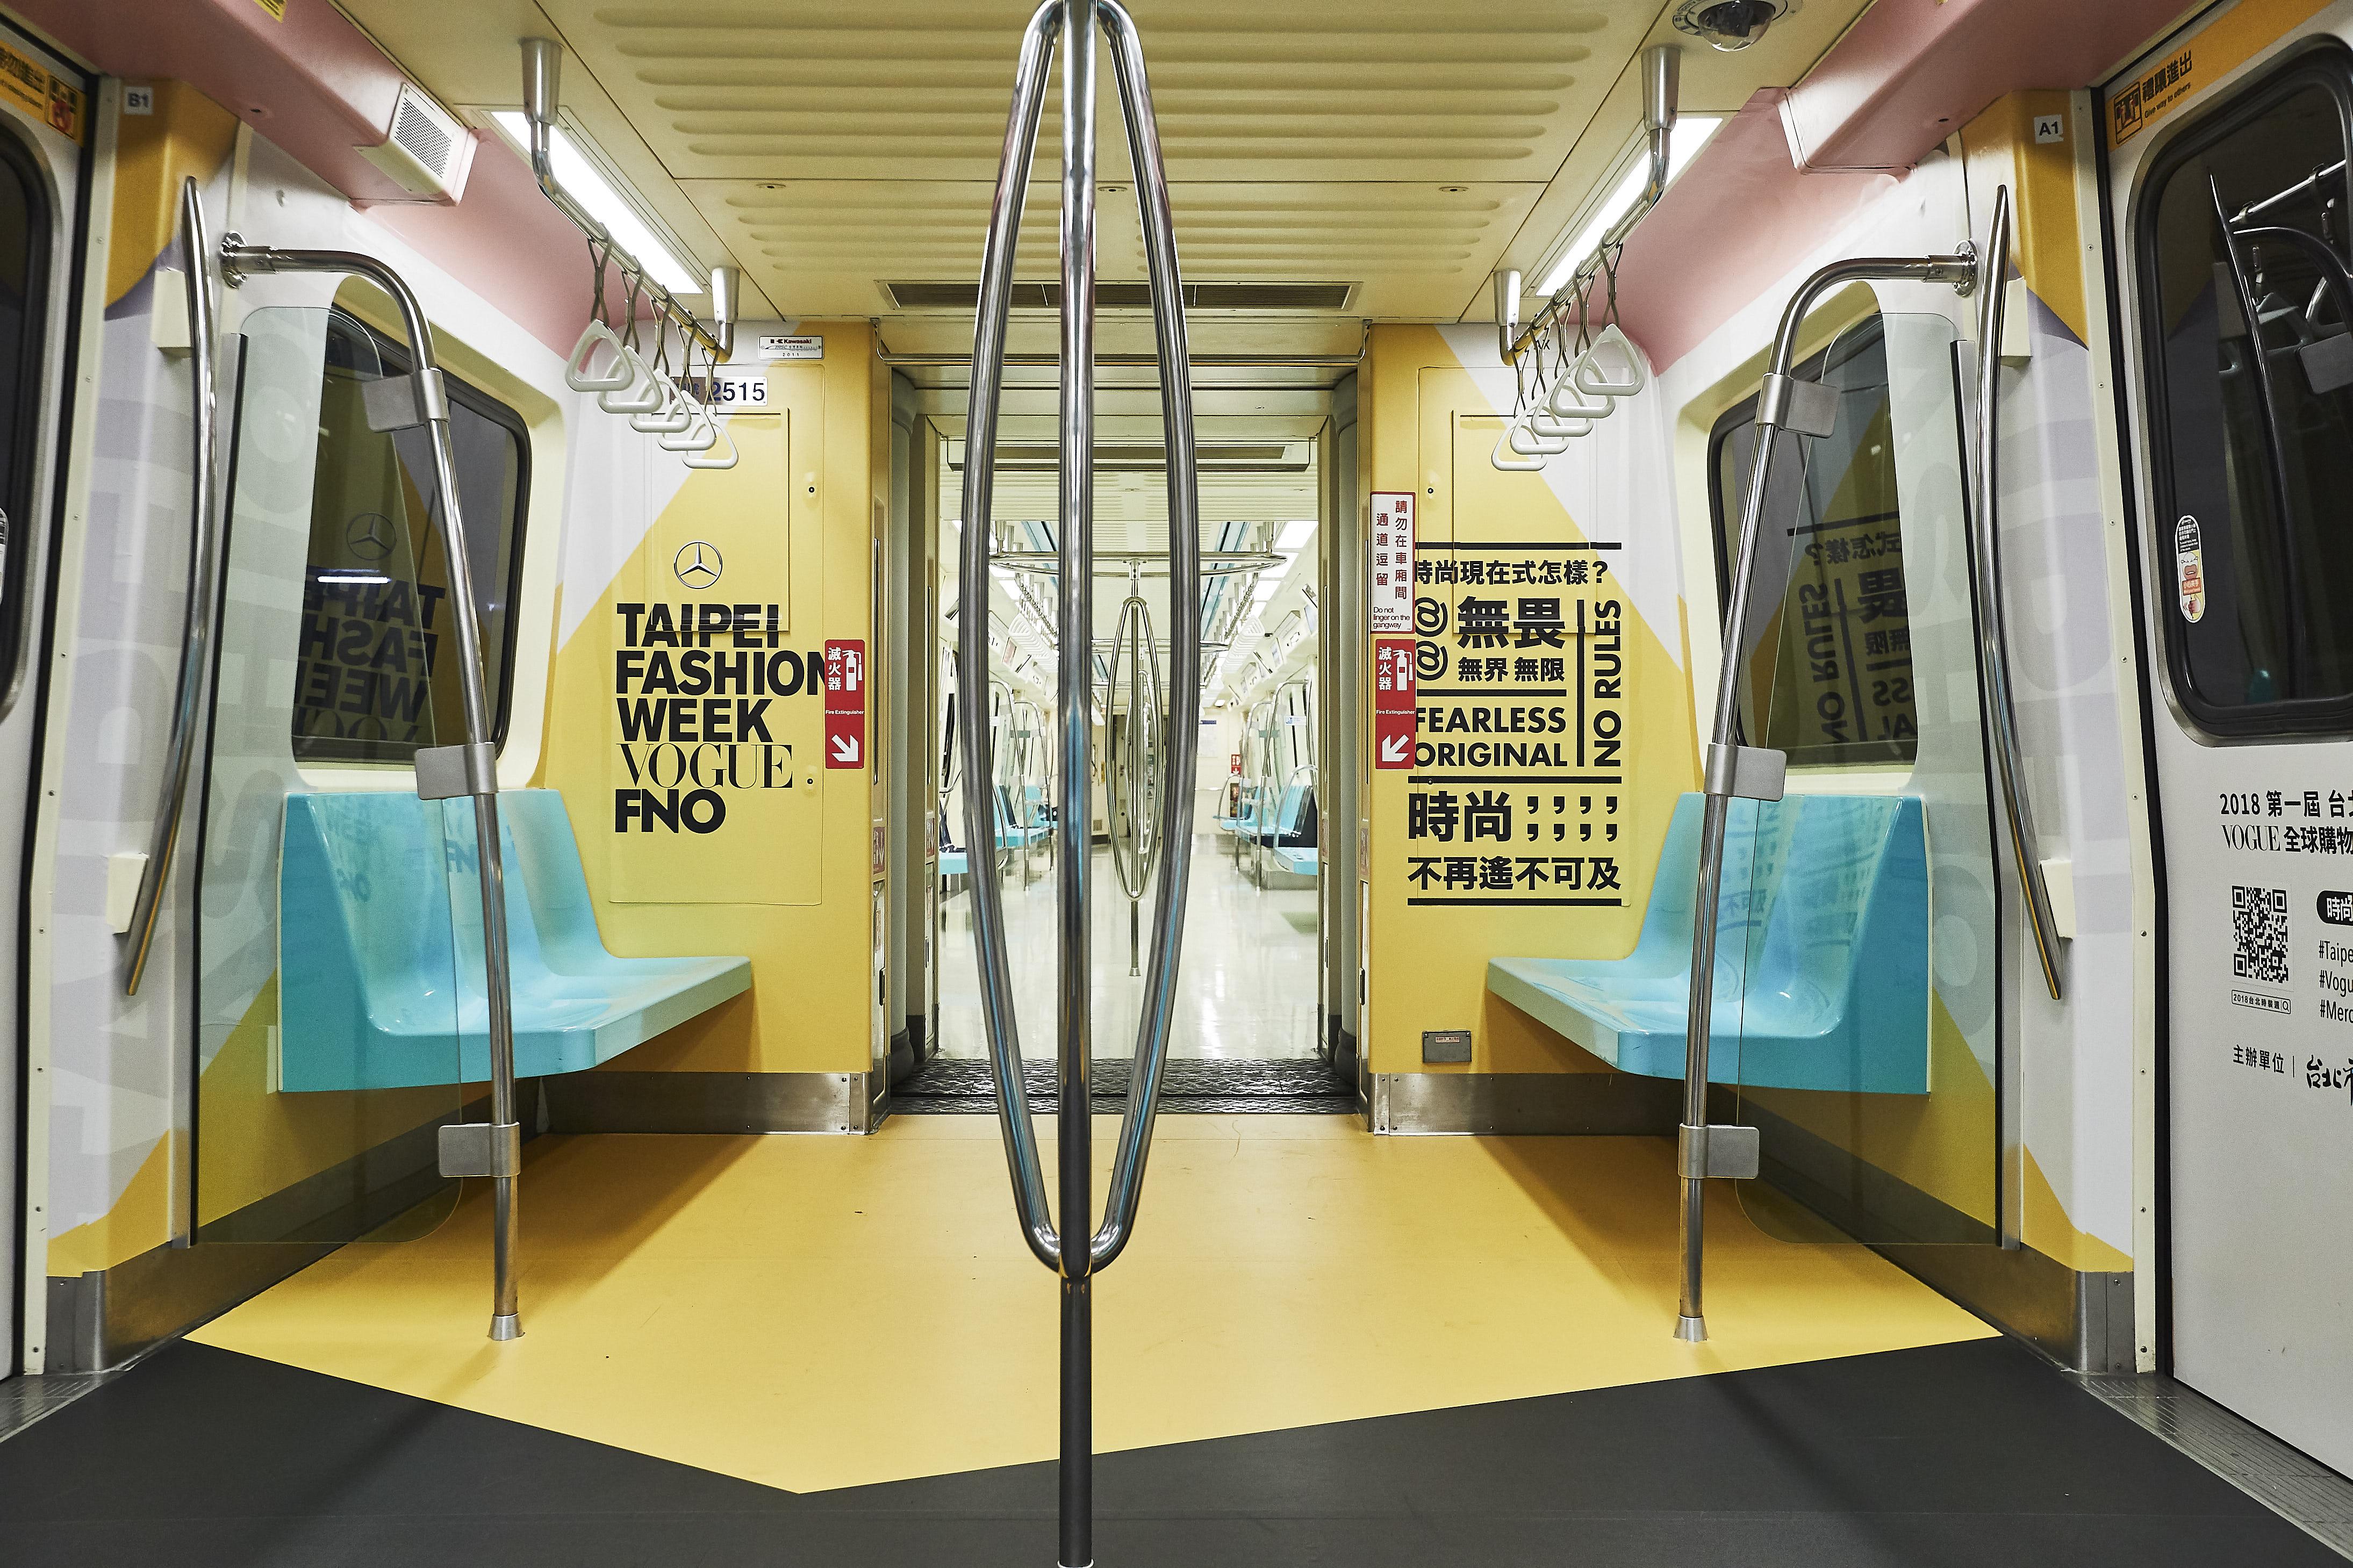 01 靈感發想(Inspiration)-聚光燈錯落在出入口、座位上方、連通道,可在聚光燈底下展現各種時尚姿勢。